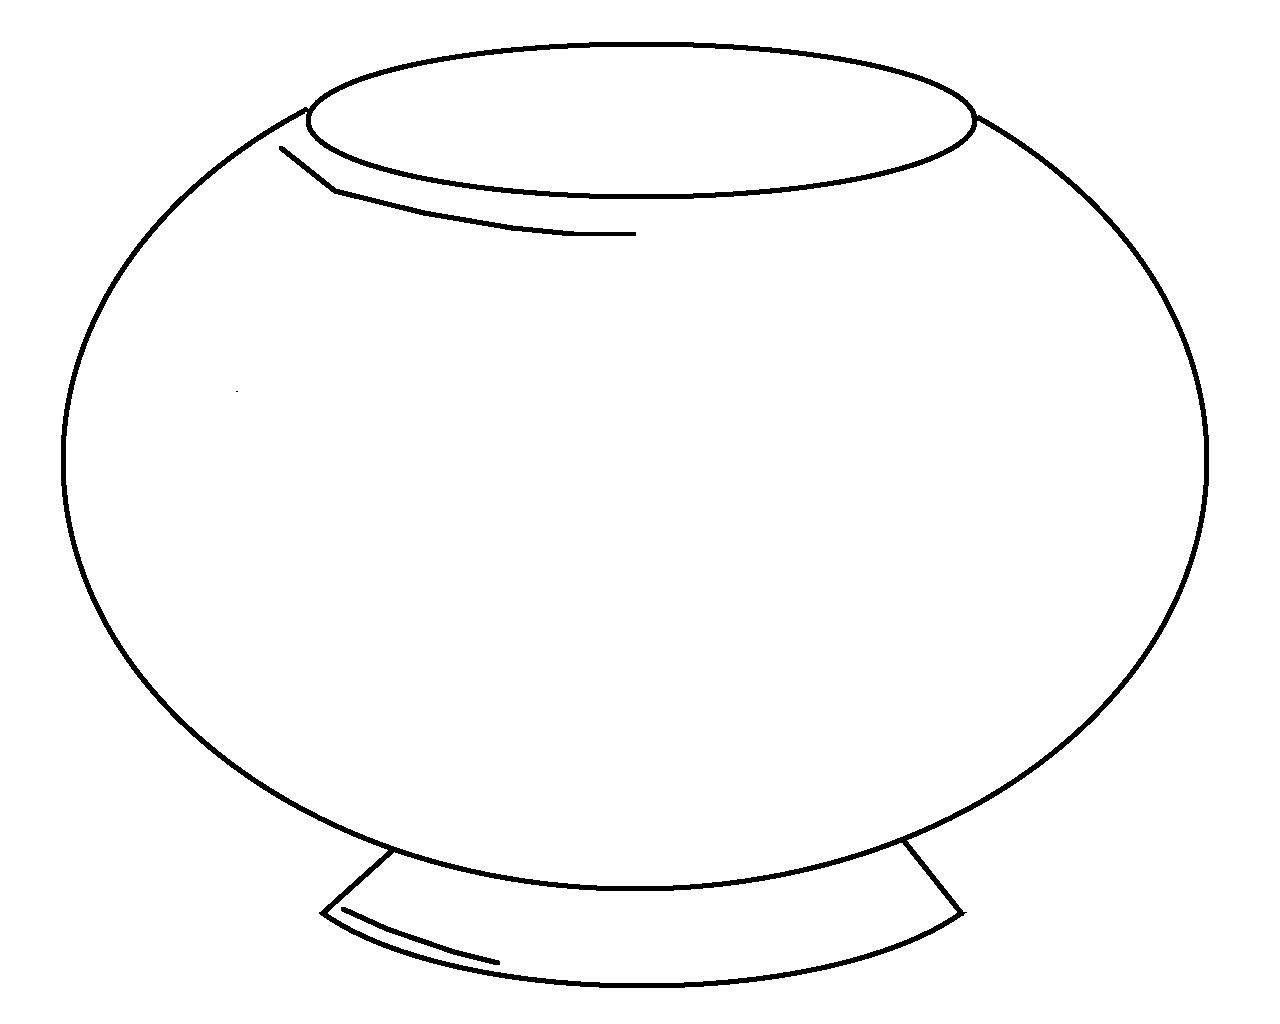 Free Fish Bowl Clipart Pictures - Clipartix (1280 x 1024 Pixel)